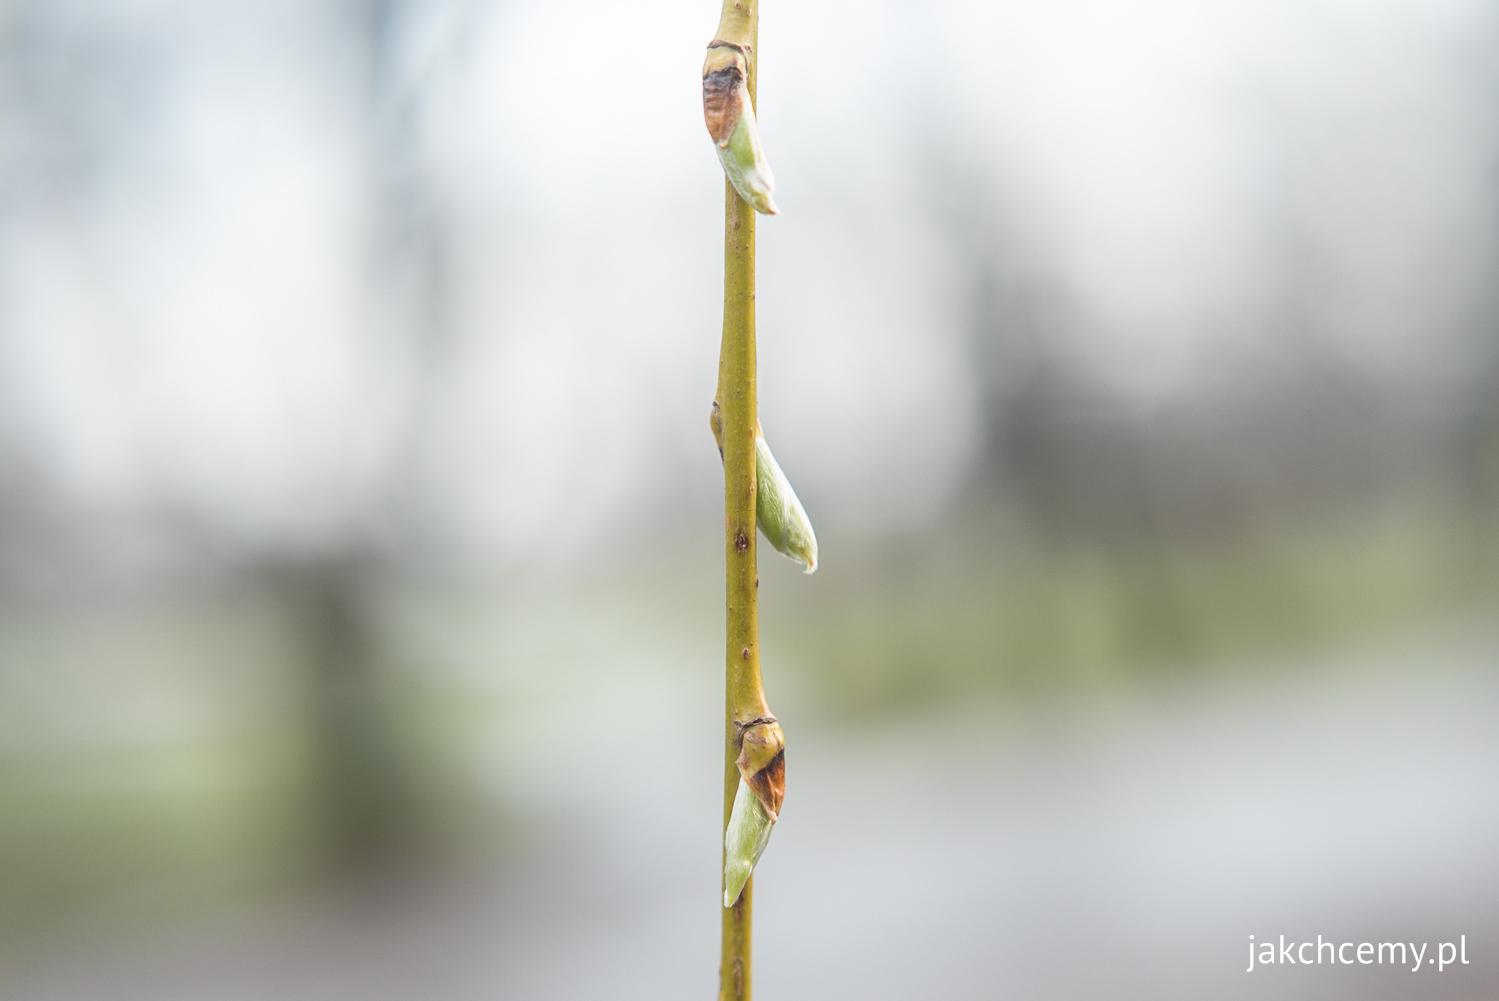 Koniec zimy jeszcze nie wiosna